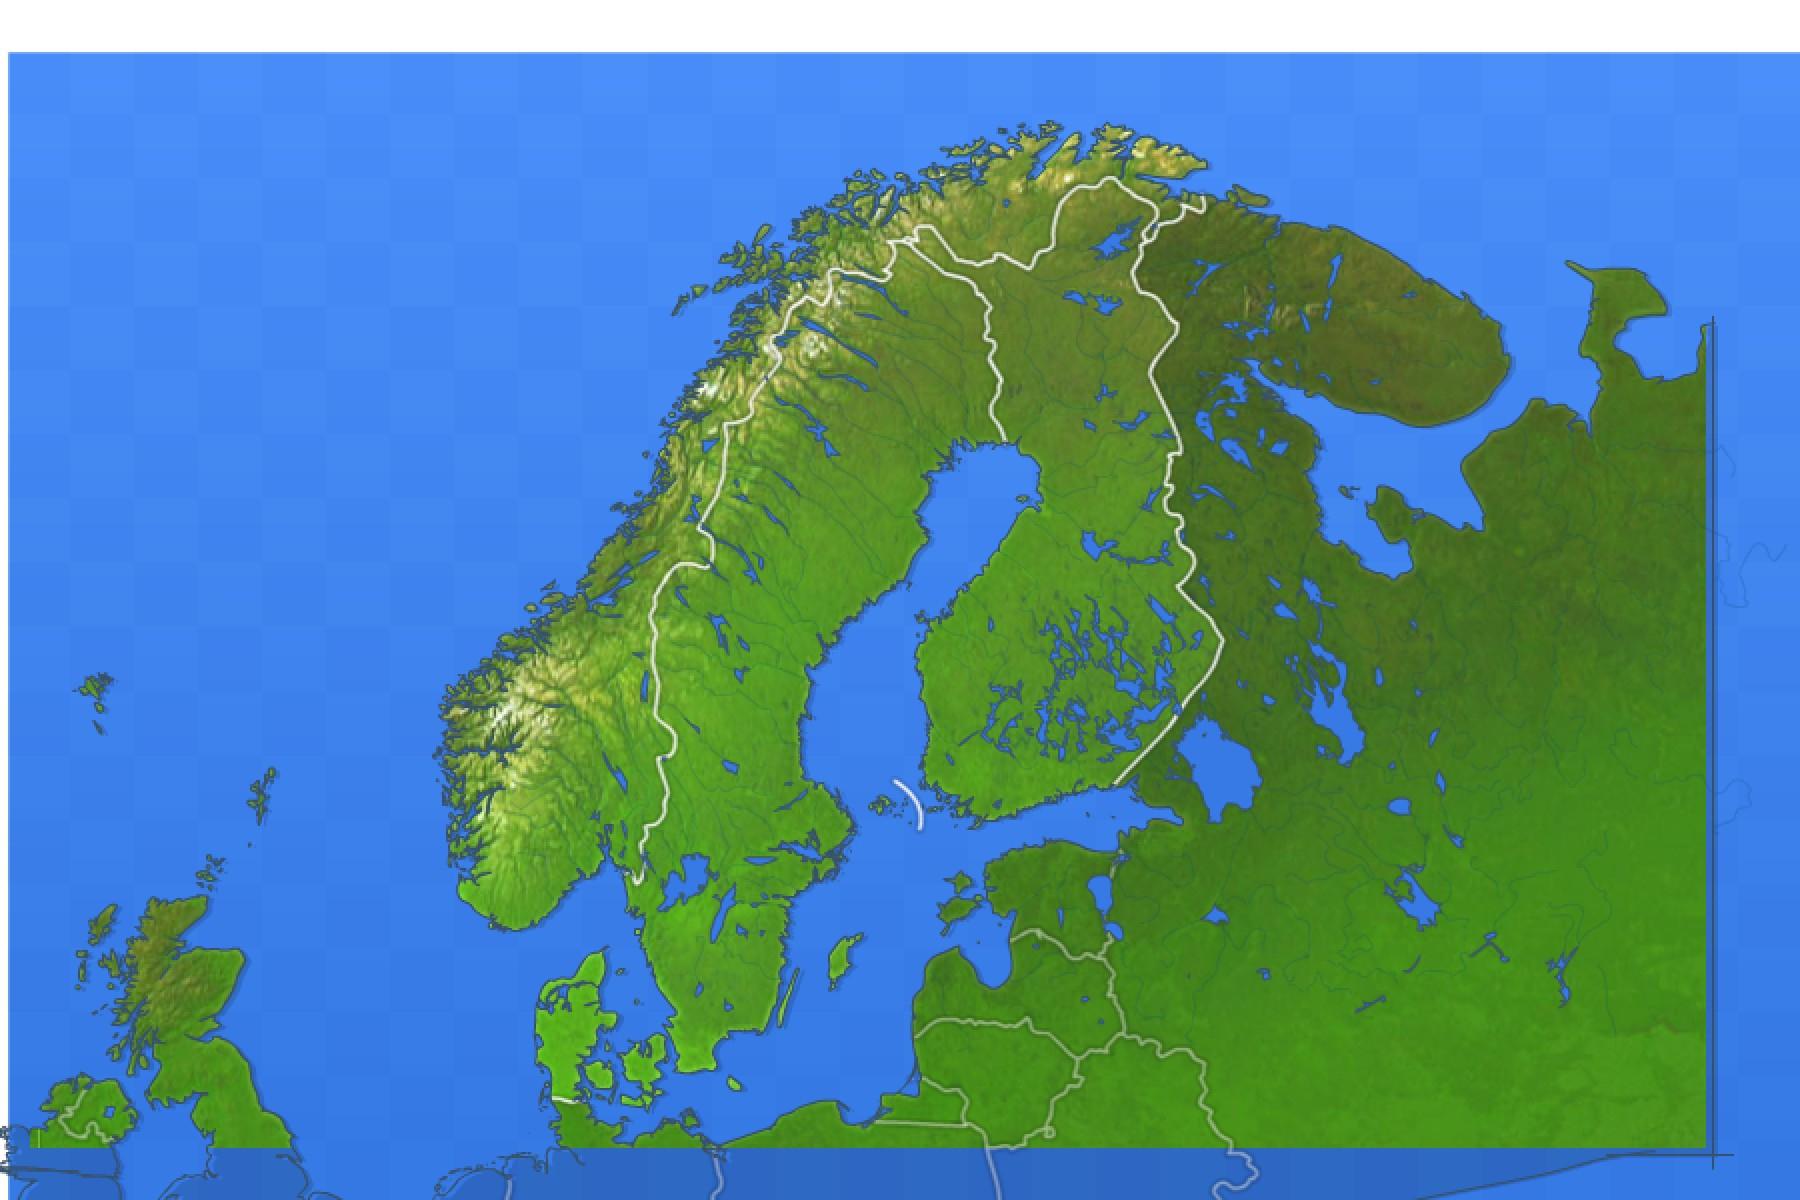 Jeux-Geographiques Jeux Gratuits Jeu Villes De Scandinavie intérieur Jeux Geographique